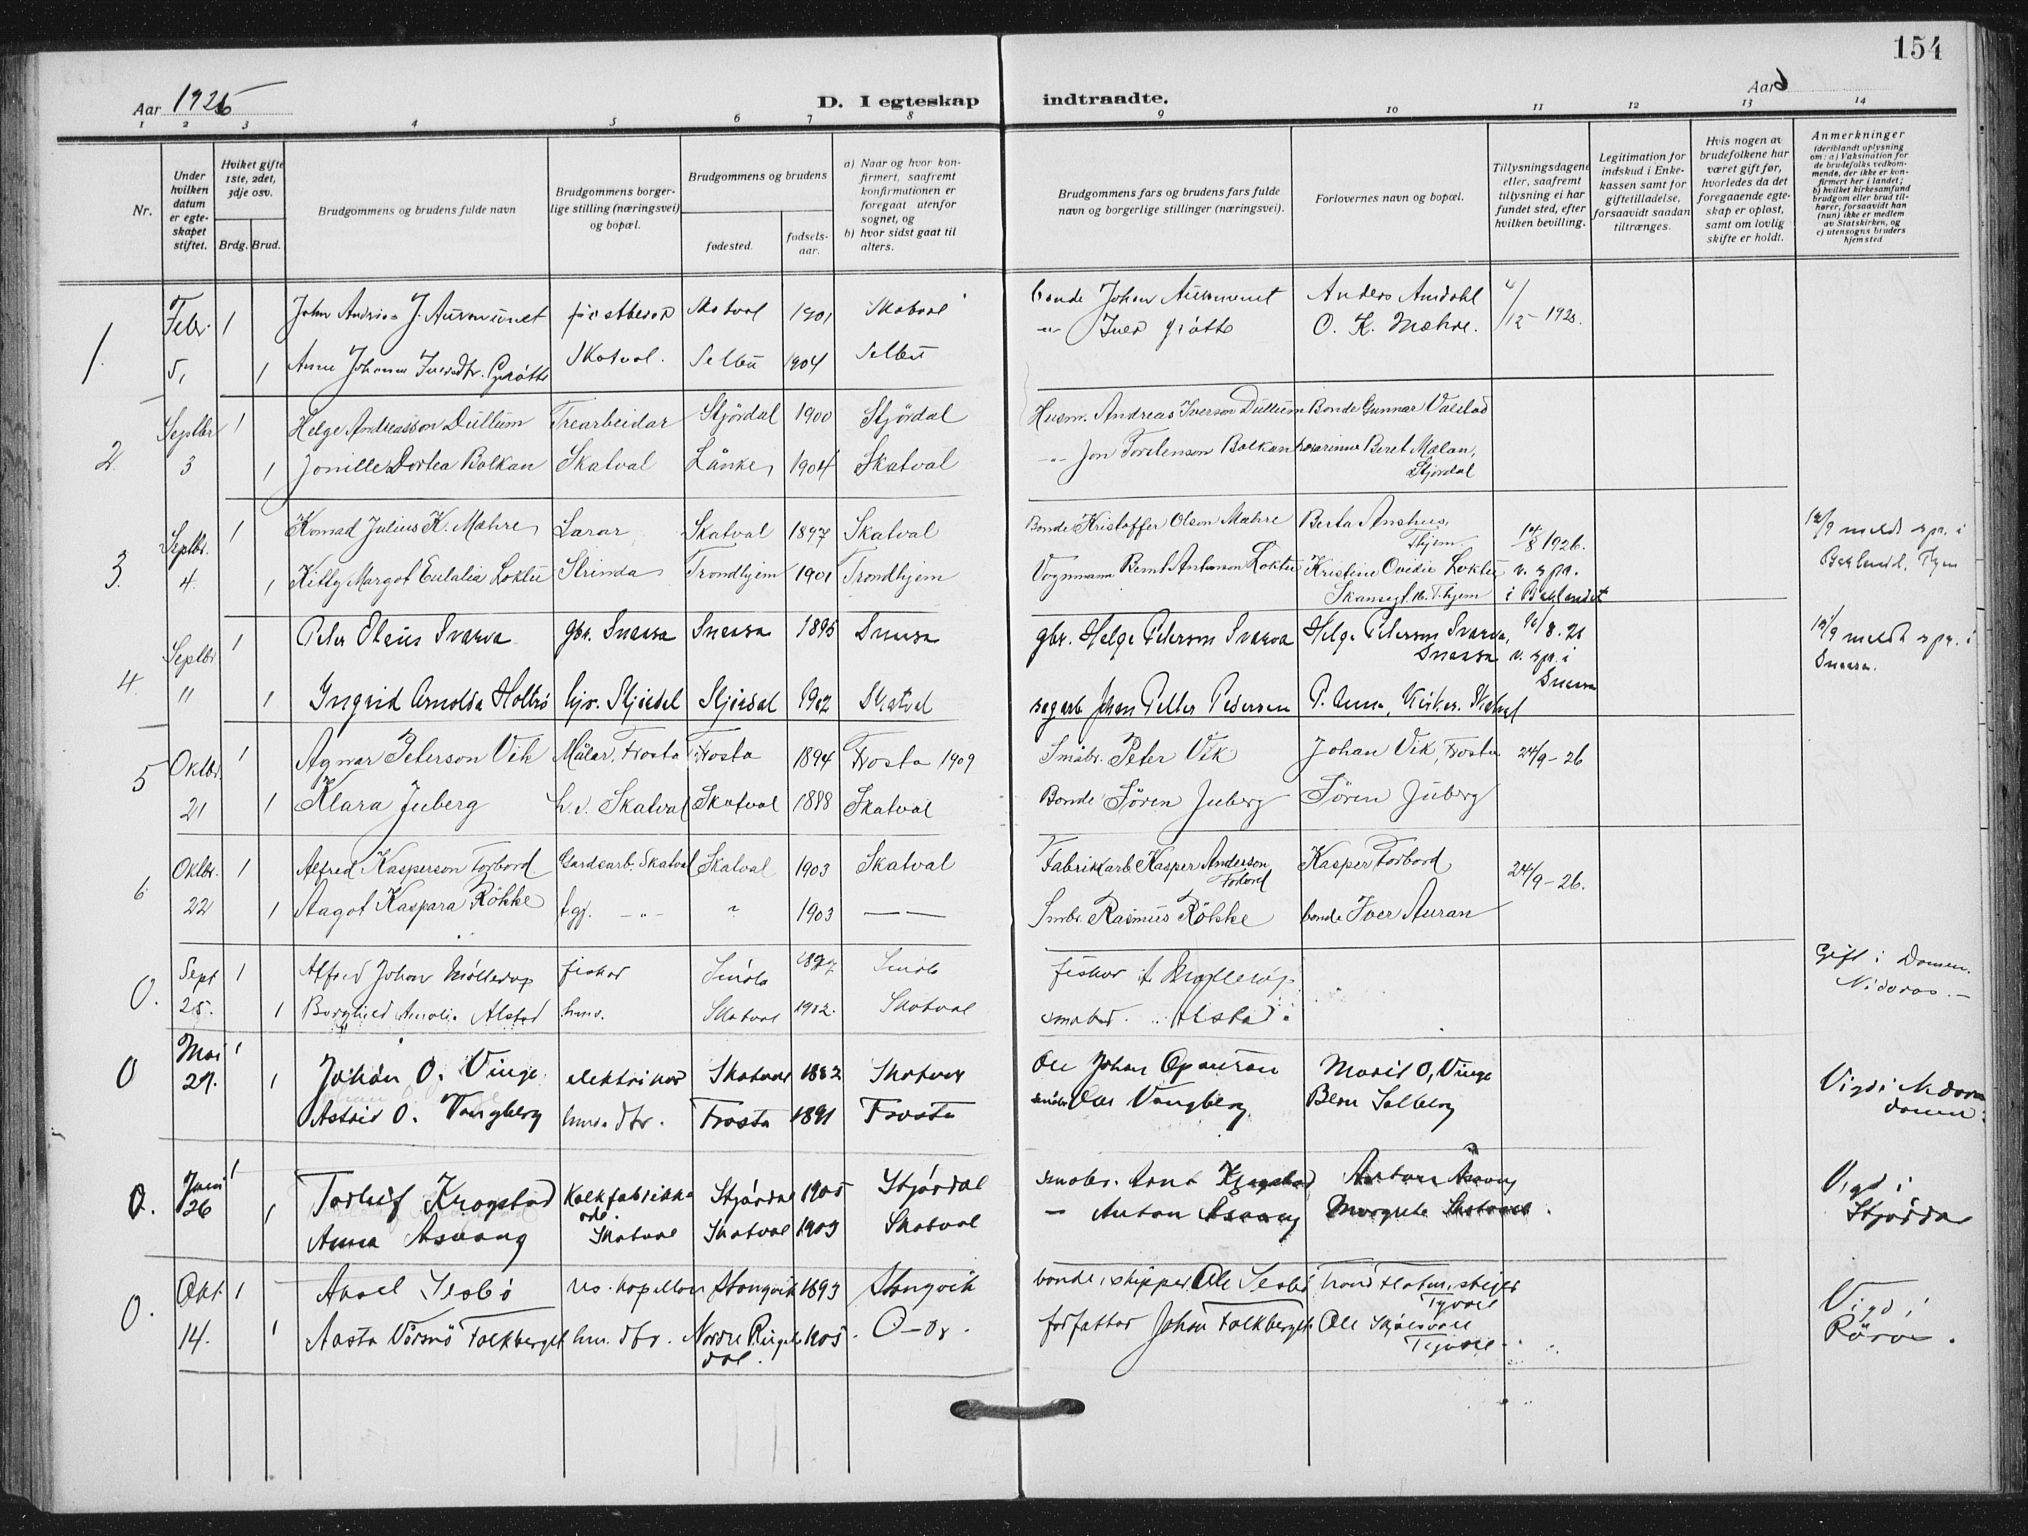 SAT, Ministerialprotokoller, klokkerbøker og fødselsregistre - Nord-Trøndelag, 712/L0102: Ministerialbok nr. 712A03, 1916-1929, s. 154